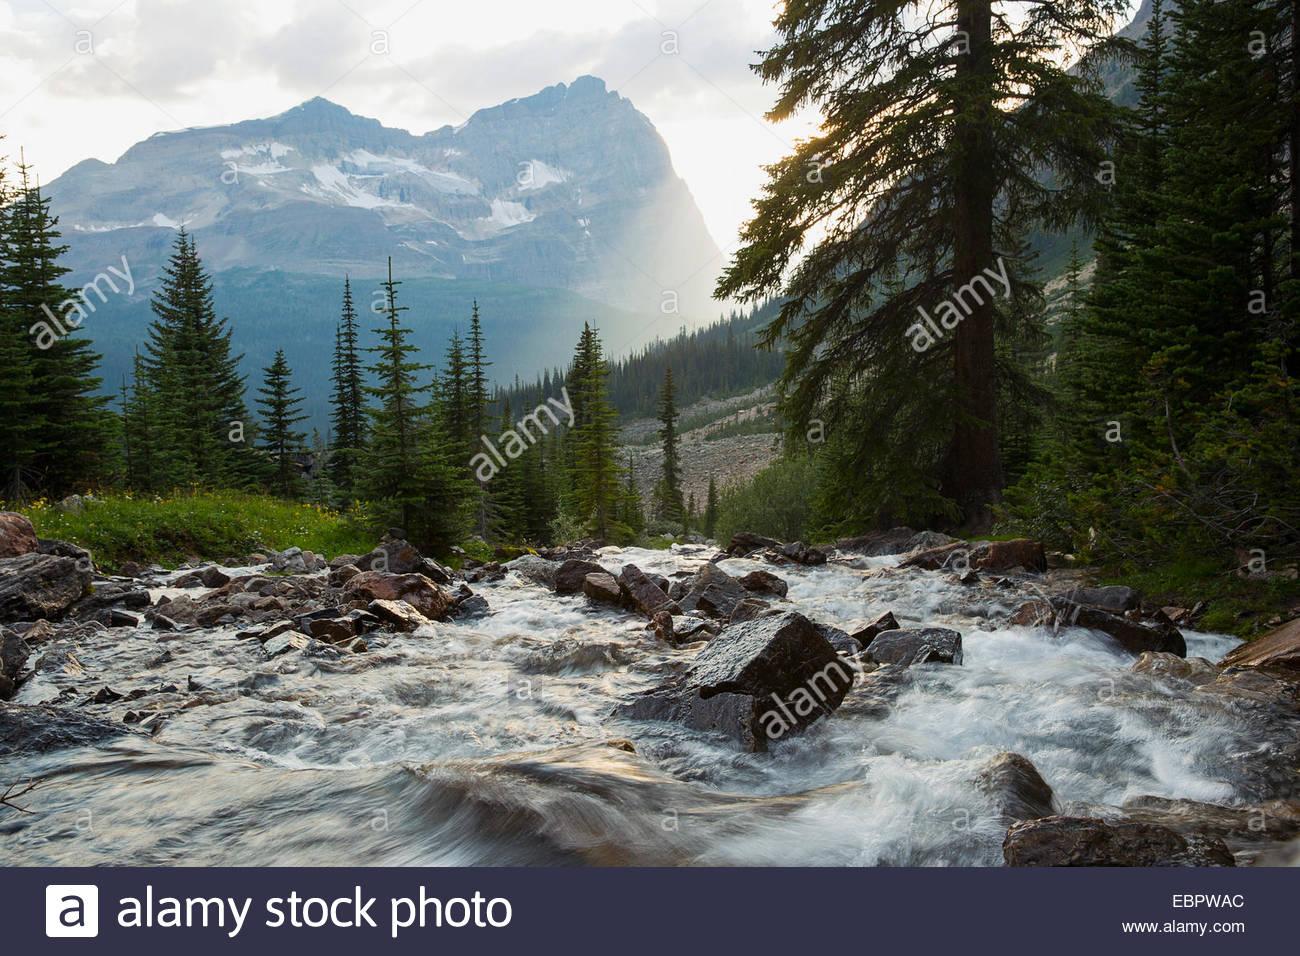 Se précipitant au-dessous de la rivière Kicking Horse Mountain majestueux Photo Stock